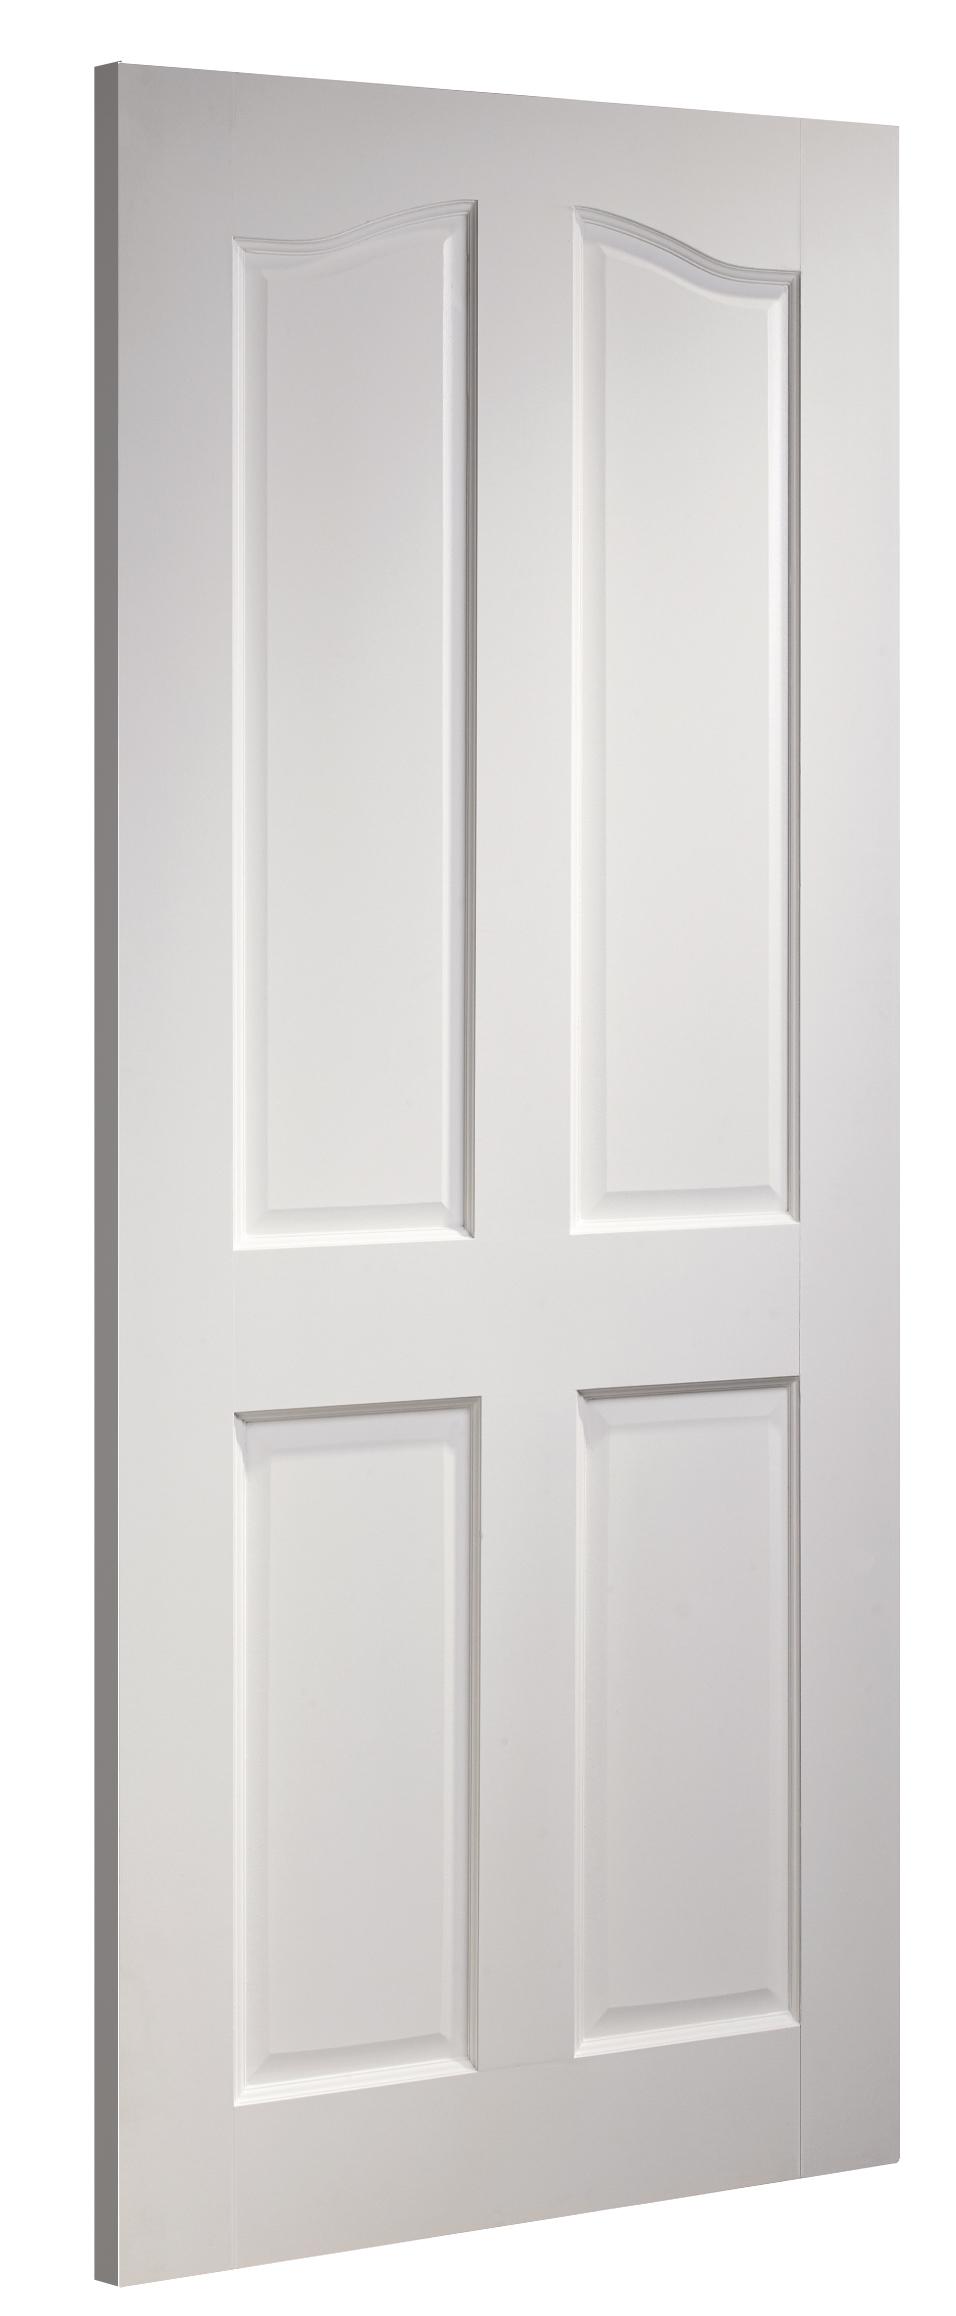 Primed Doors VR2